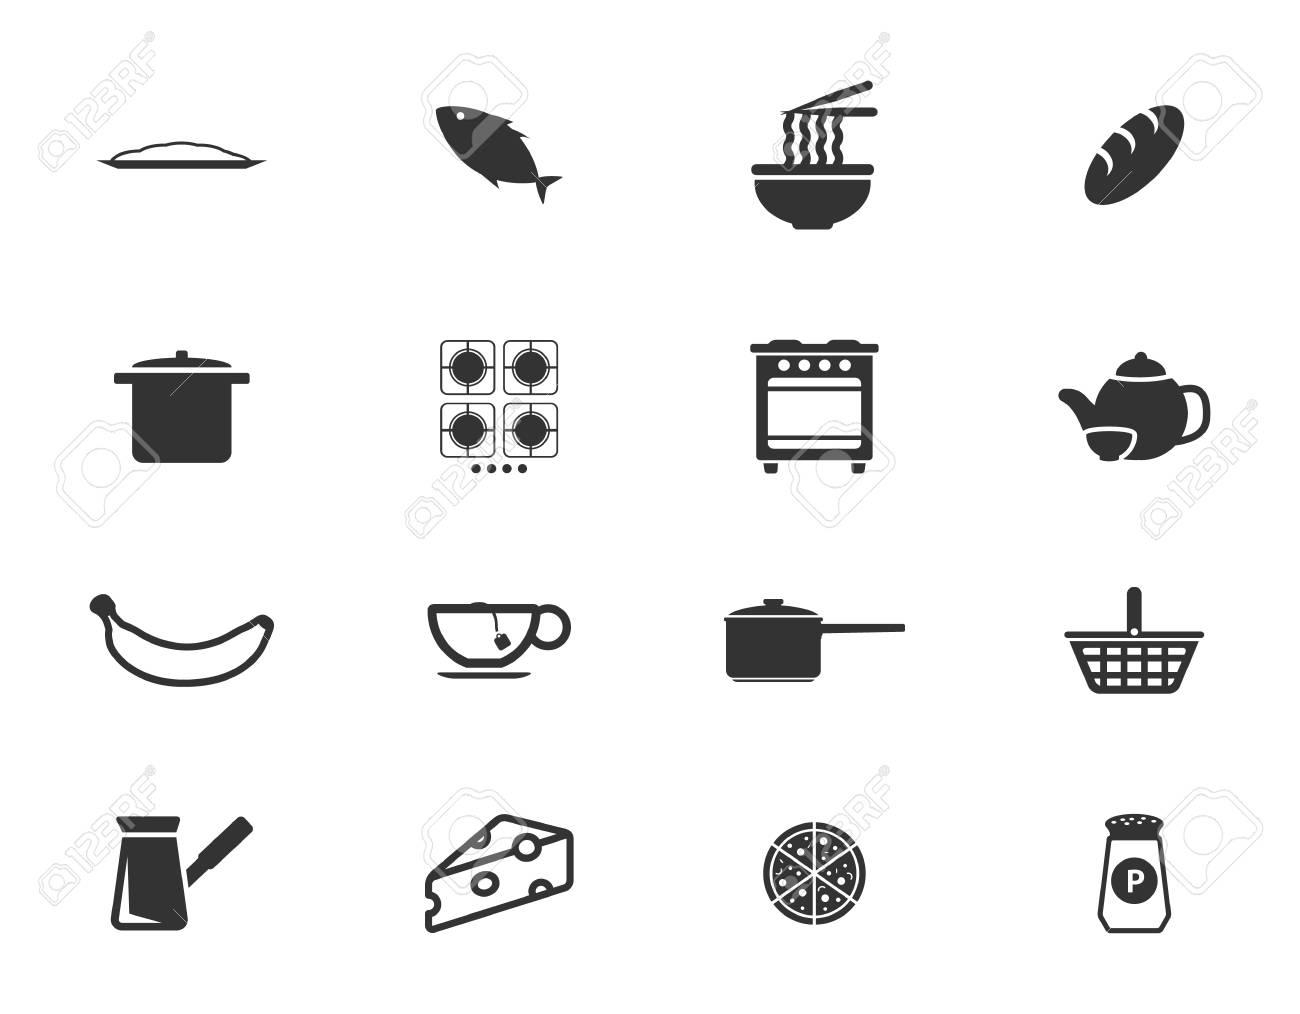 Wunderbar Schaltungssymbole Und Was Sie Tun Fotos - Die Besten ...